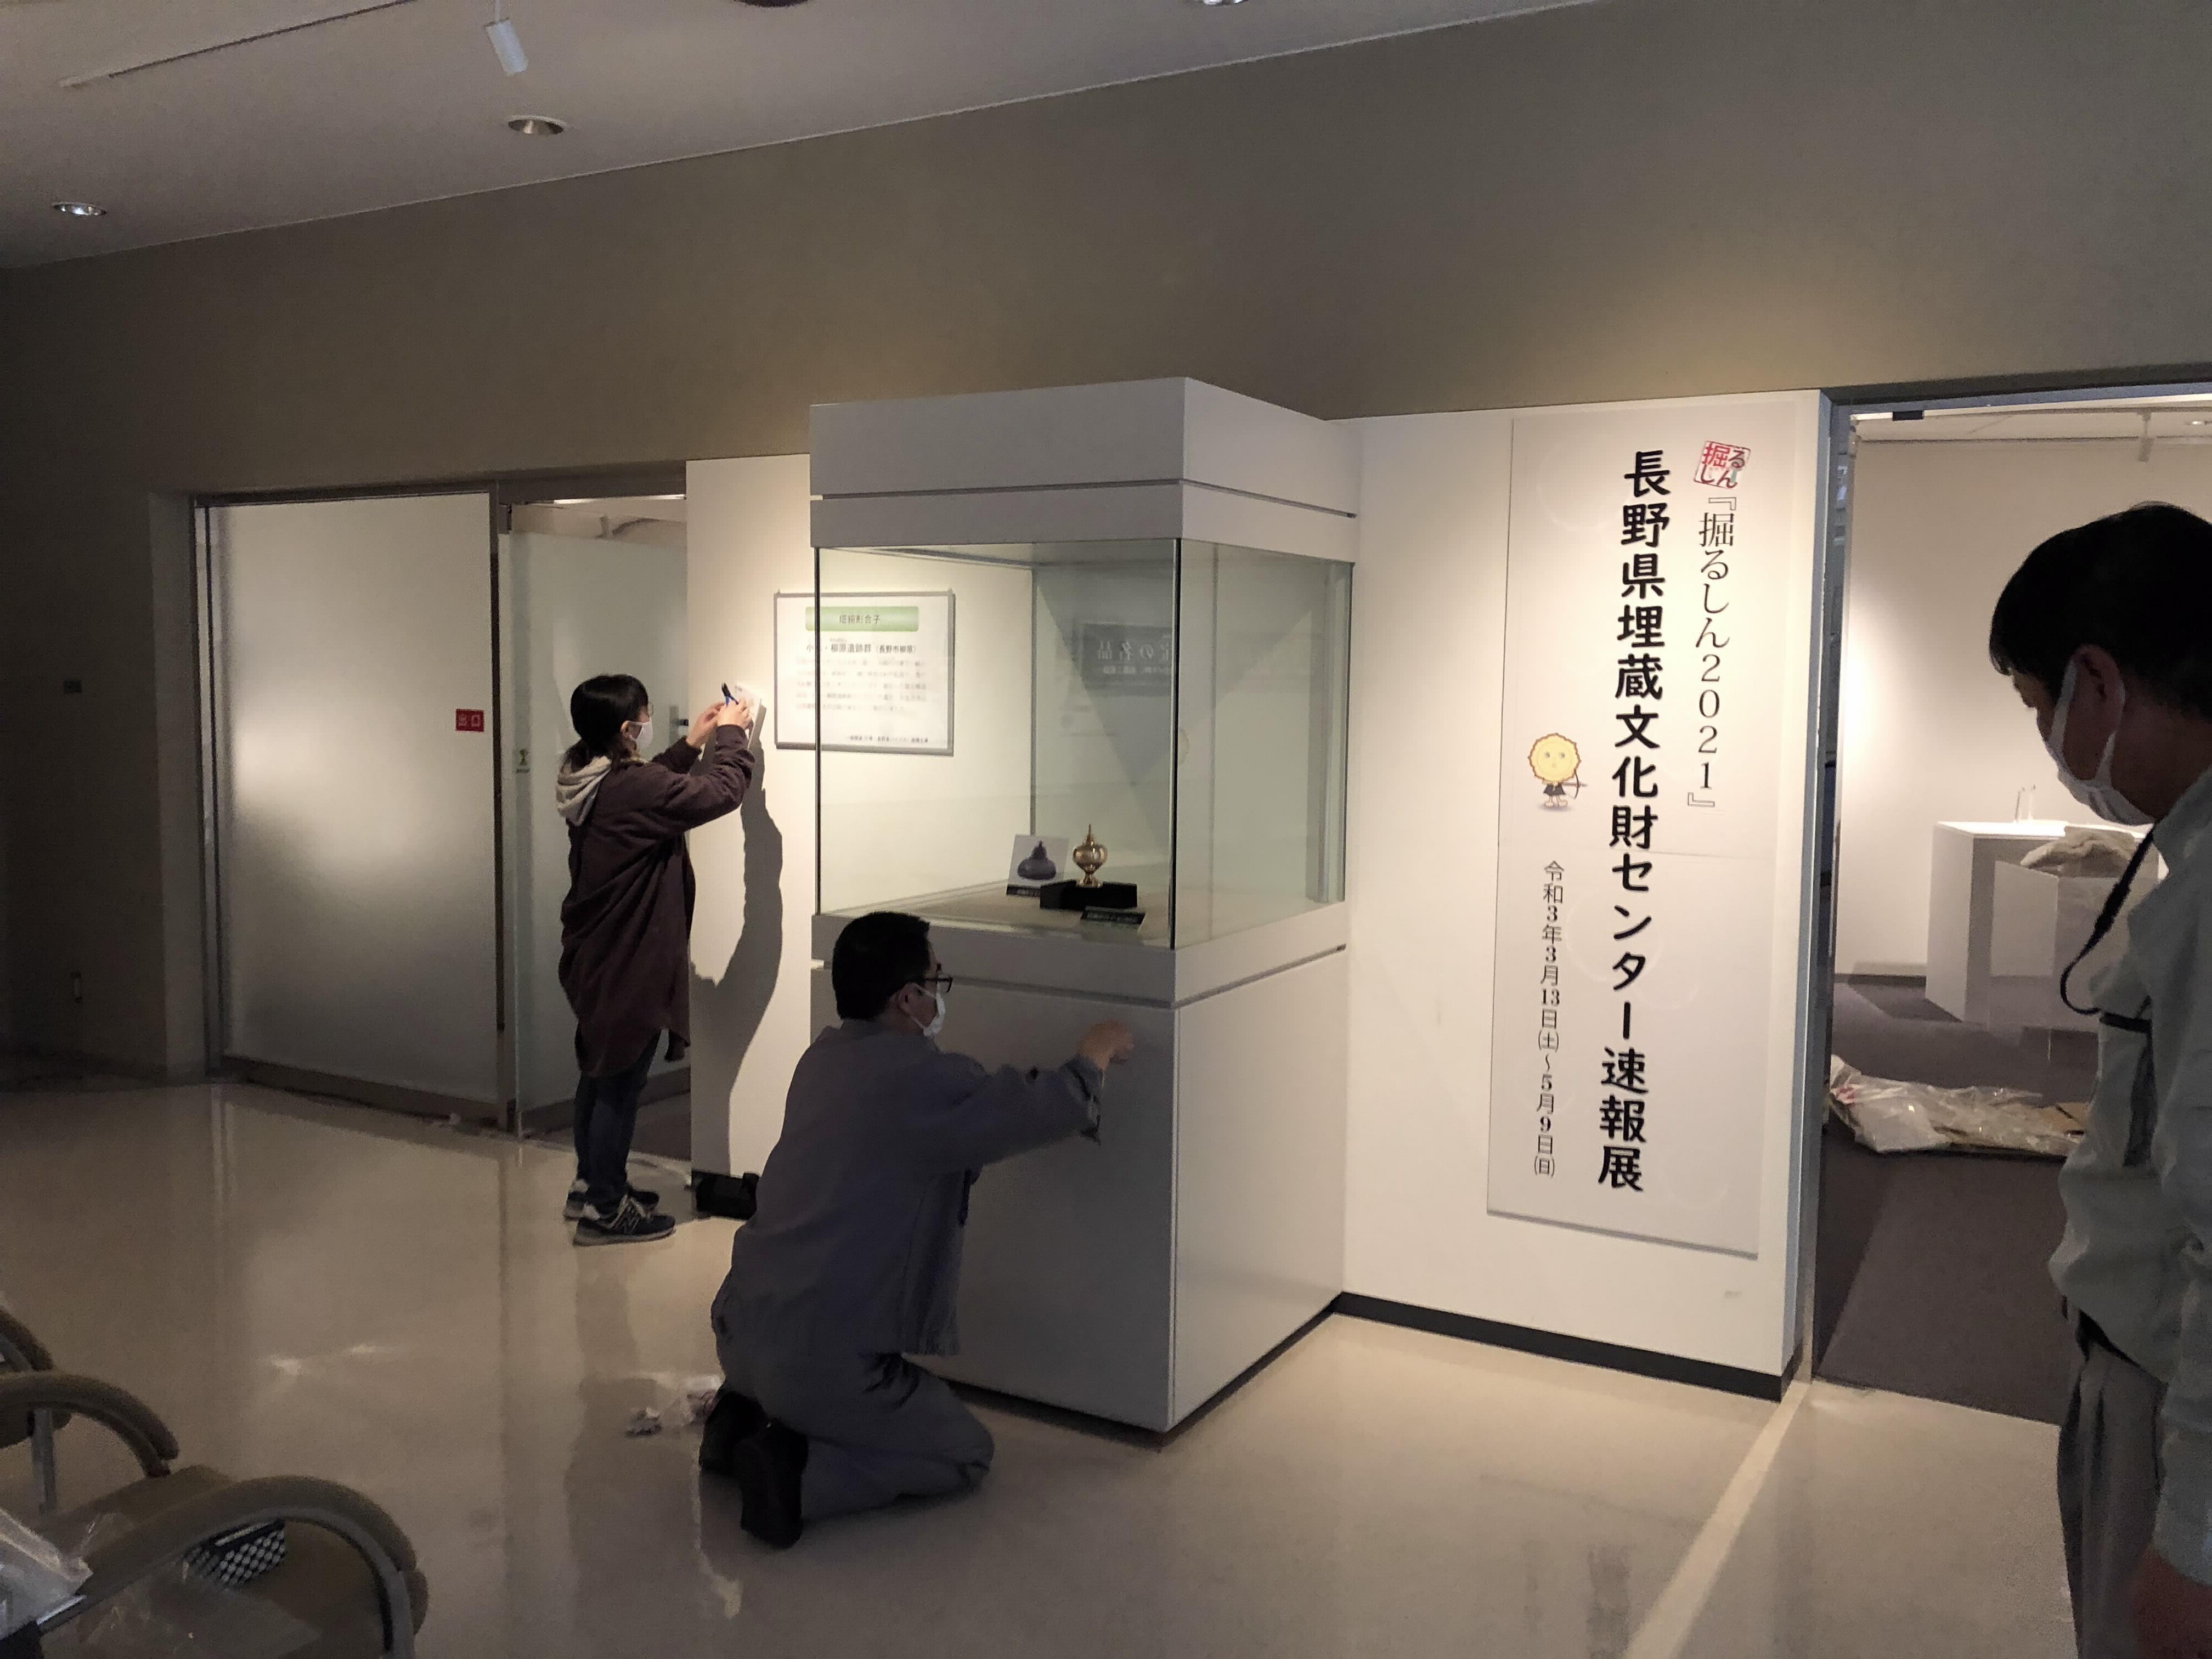 速報 ニュース 県 長野 の 更新情報/長野県